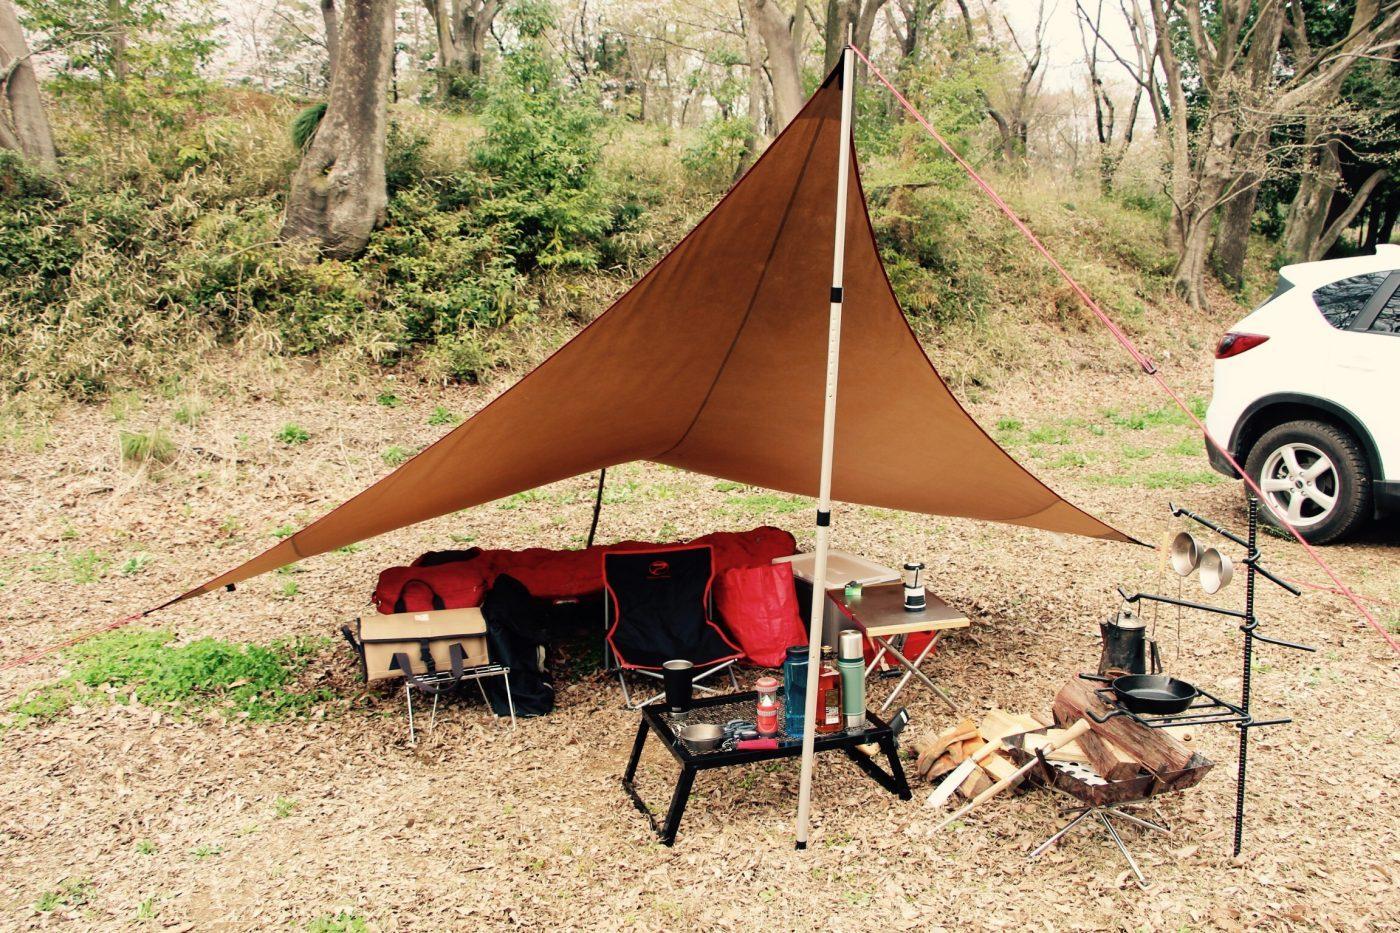 ソロキャンプにはソロキャンプにしか無い魅力があります。